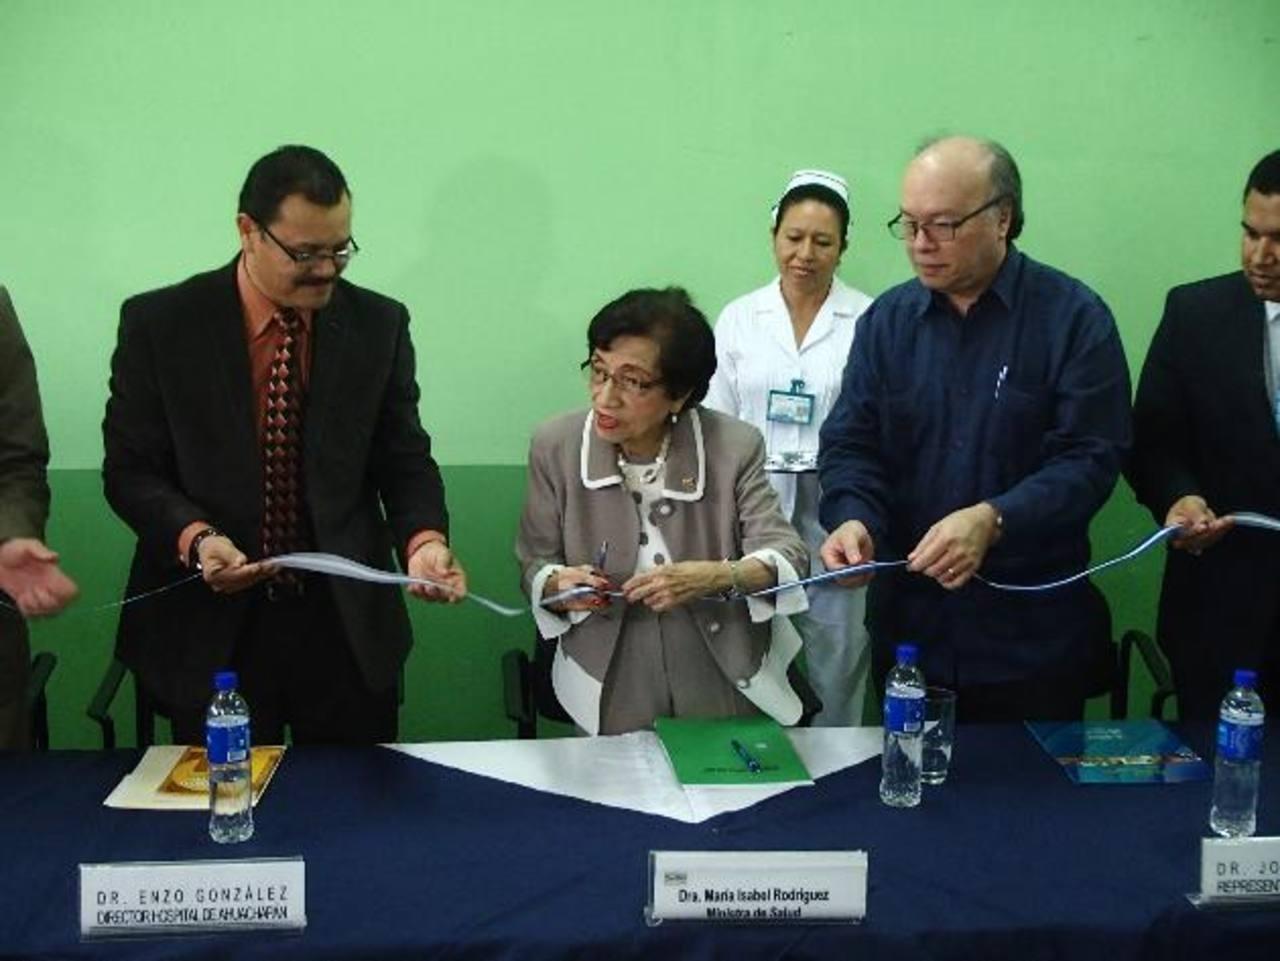 El Ministerio de Salud (Minsal) realizó un evento ayer para inaugurar las nuevas instalaciones. Foto edh / R. ZAMBRANO.